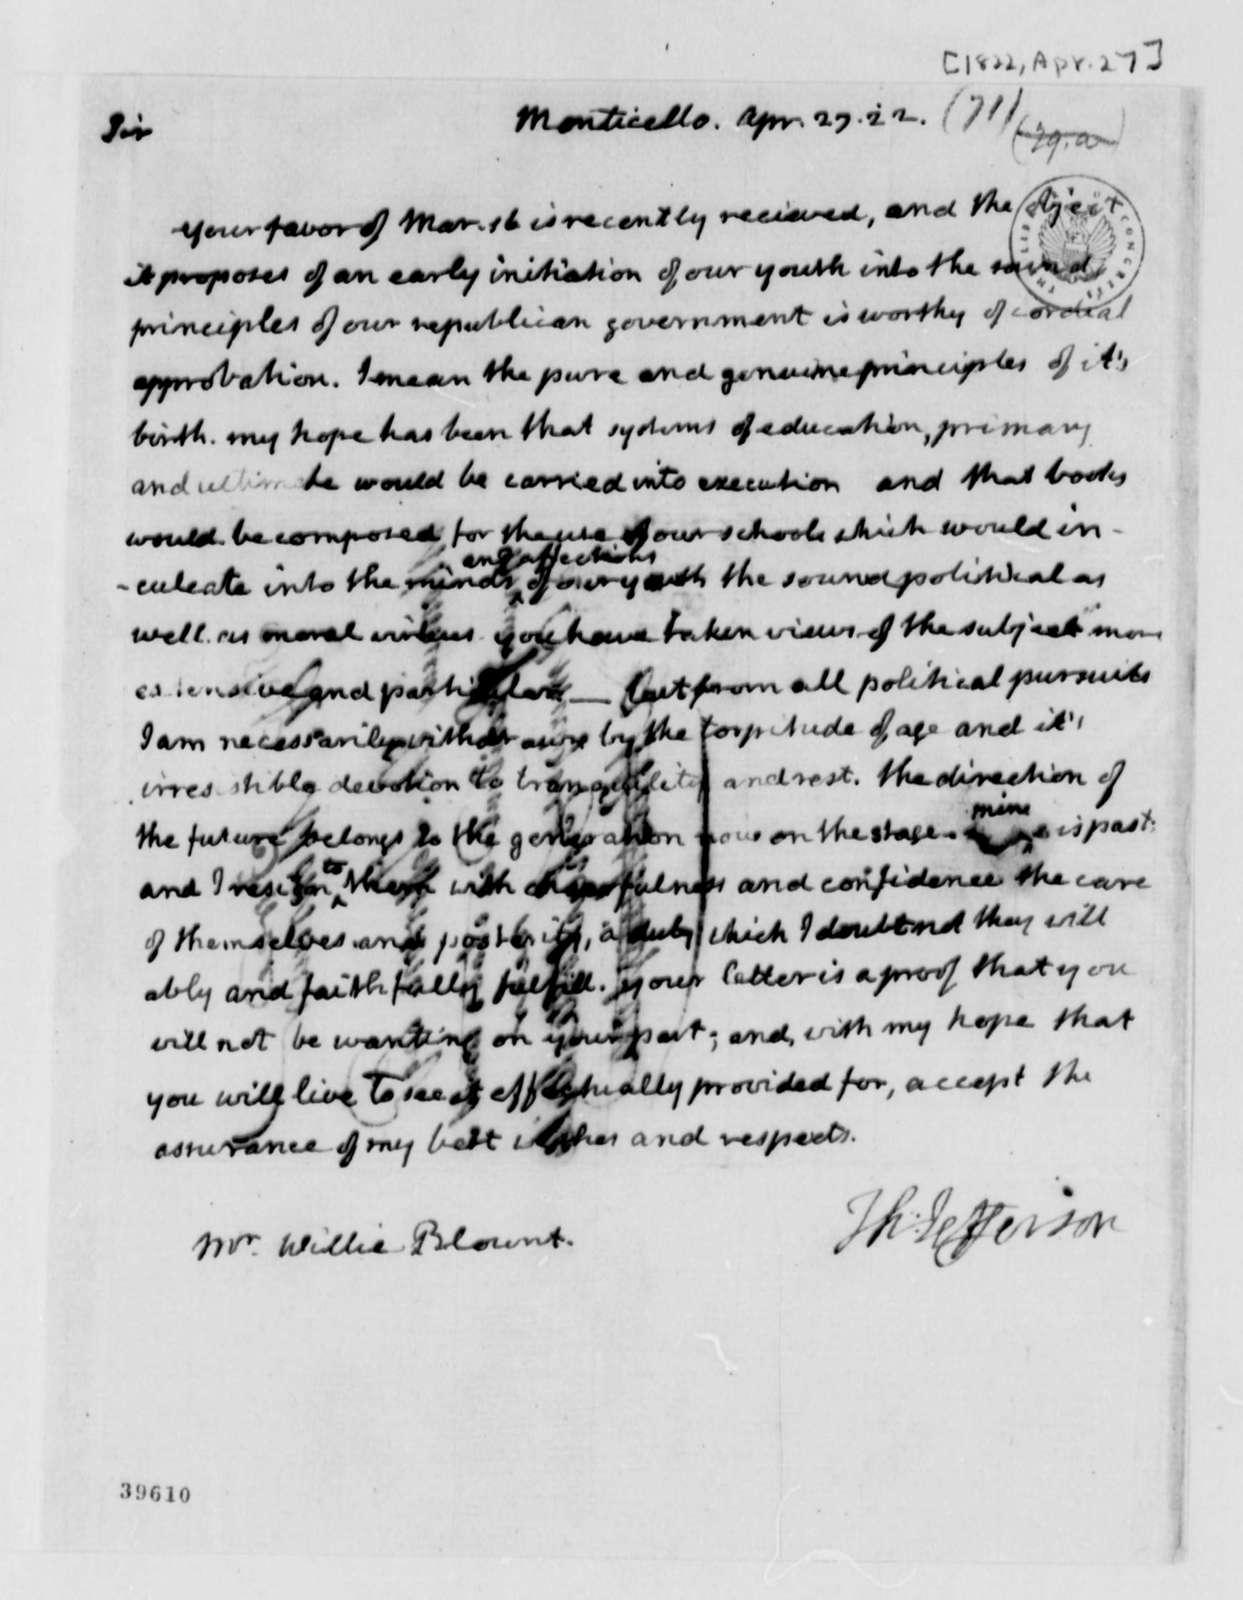 Thomas Jefferson to Willie Blount, April 27, 1822